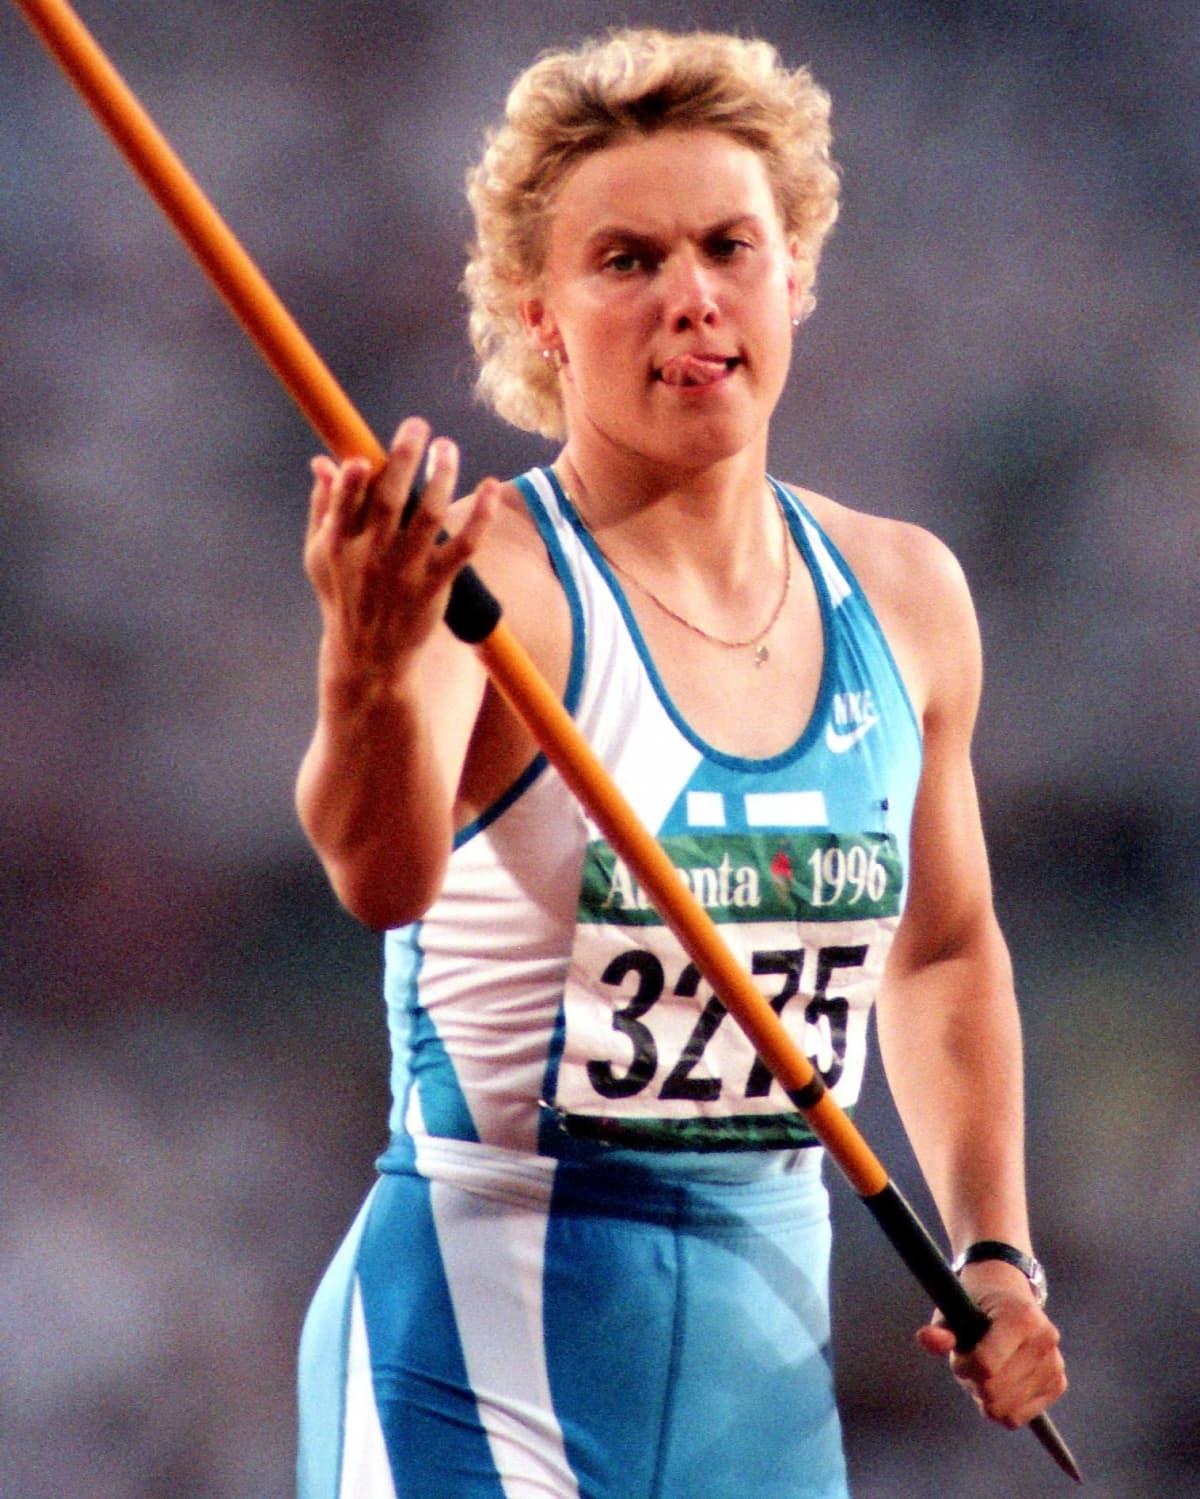 Heli Rantanen keskittyy kieli keskellä suuta ennen heittoaan Atlantan olympialaisten keihäsfinaalissa vuonna 1996.